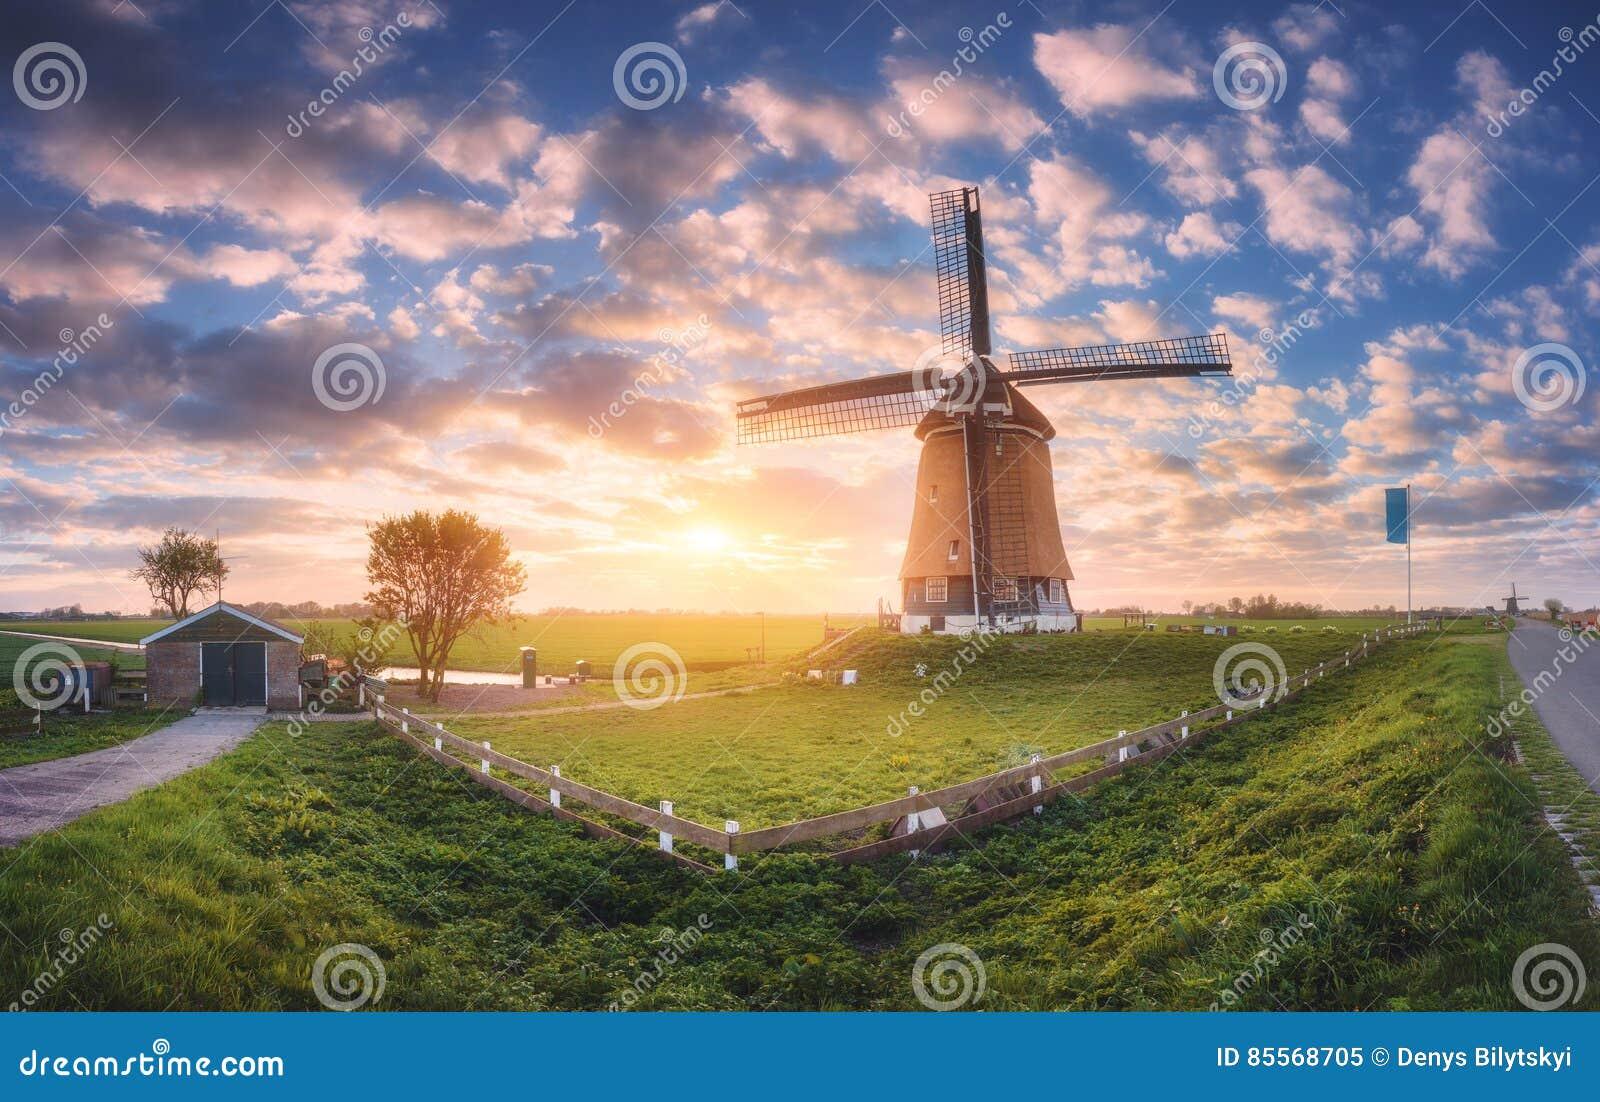 Moulin à vent au lever de soleil aux Pays-Bas Paysage panoramique de ressort